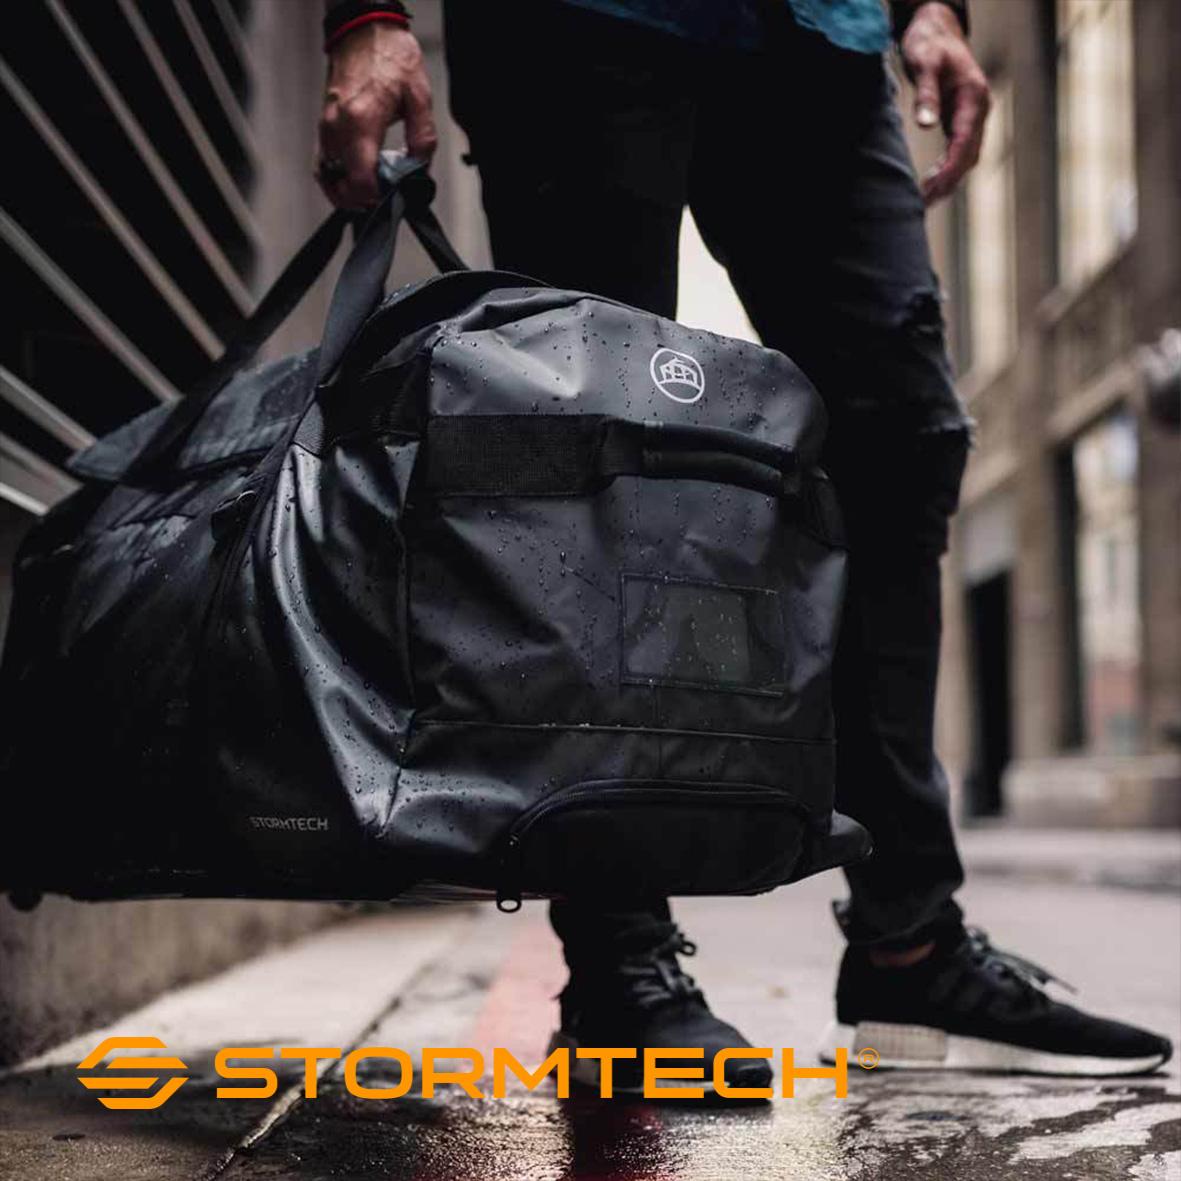 Stormtech_Bags.jpg